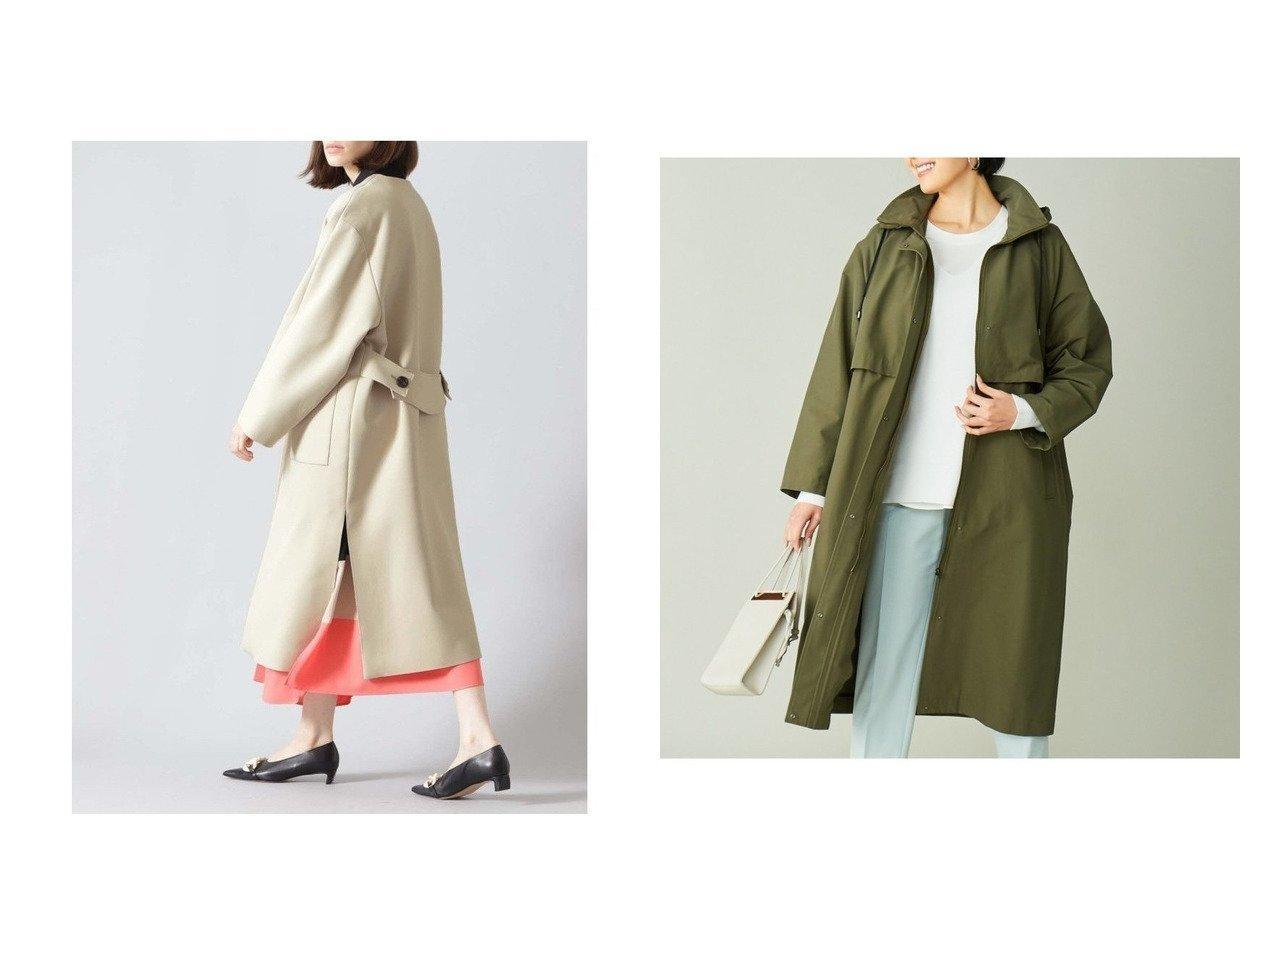 【ADORE/アドーア】のトリプルクロスコート&【iCB/アイシービー】のC モッズコート アウターのおすすめ!人気、トレンド・レディースファッションの通販 おすすめで人気の流行・トレンド、ファッションの通販商品 メンズファッション・キッズファッション・インテリア・家具・レディースファッション・服の通販 founy(ファニー) https://founy.com/ ファッション Fashion レディースファッション WOMEN アウター Coat Outerwear コート Coats ジャケット Jackets モッズ/フィールドコート Mods Field Coats NEW・新作・新着・新入荷 New Arrivals 2021年 2021 2021 春夏 S/S SS Spring/Summer 2021 S/S 春夏 SS Spring/Summer ジャケット ストリング タフタ パーカー ミリタリー モッズコート インナー シンプル ストレッチ ビッグ ロング |ID:crp329100000014496